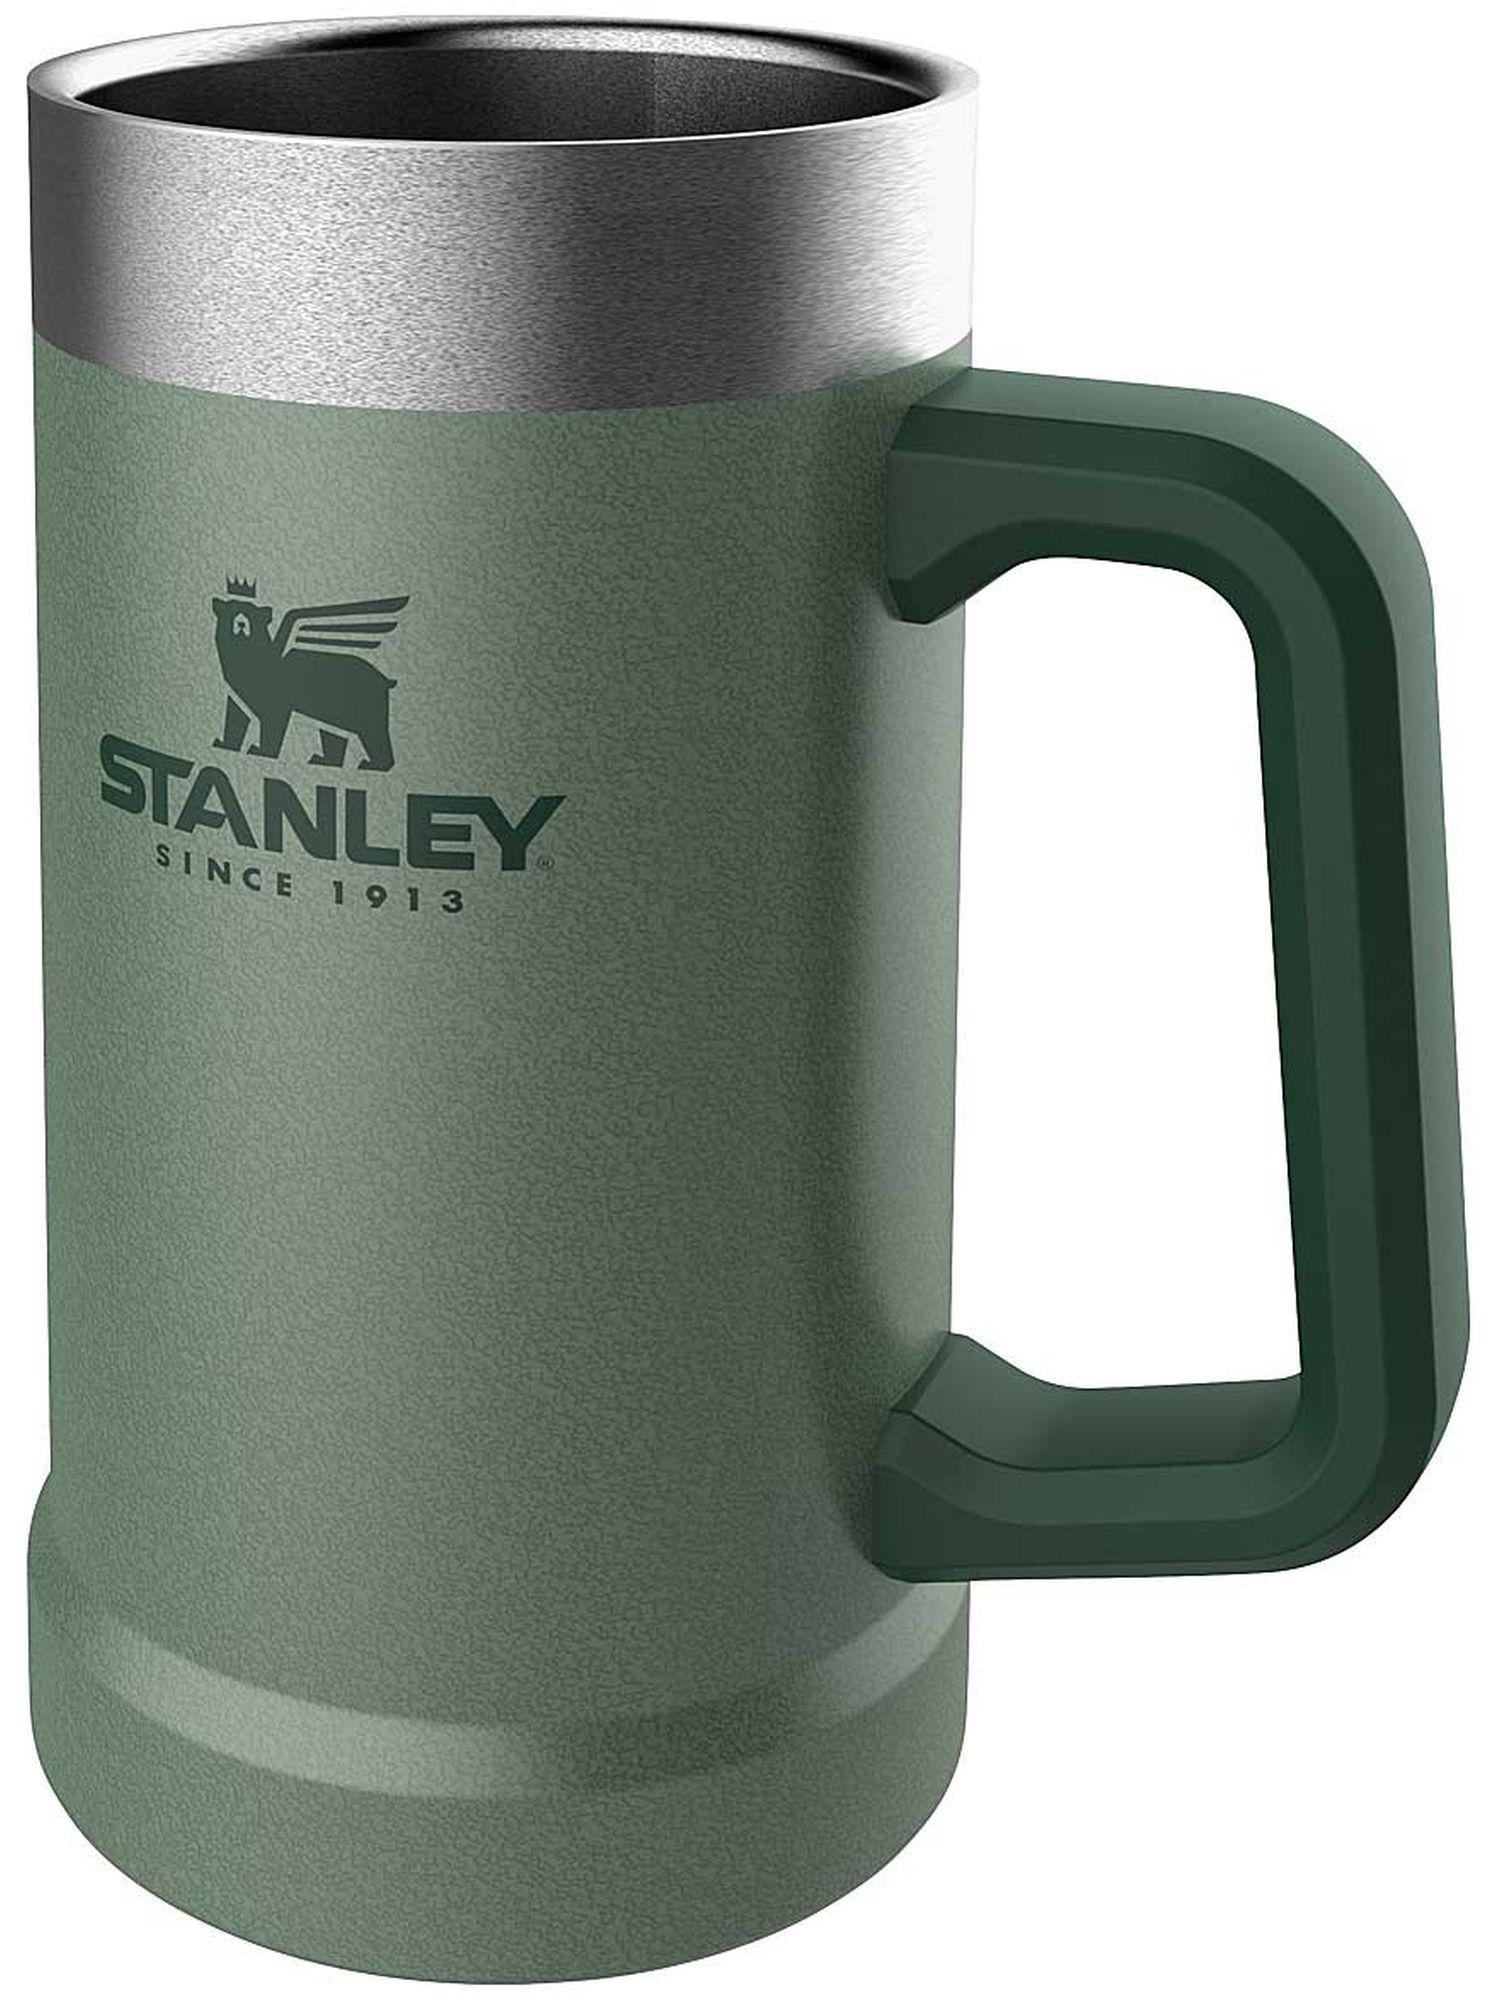 Stanley Bierkrug Adventure Stein 0.70l, grün